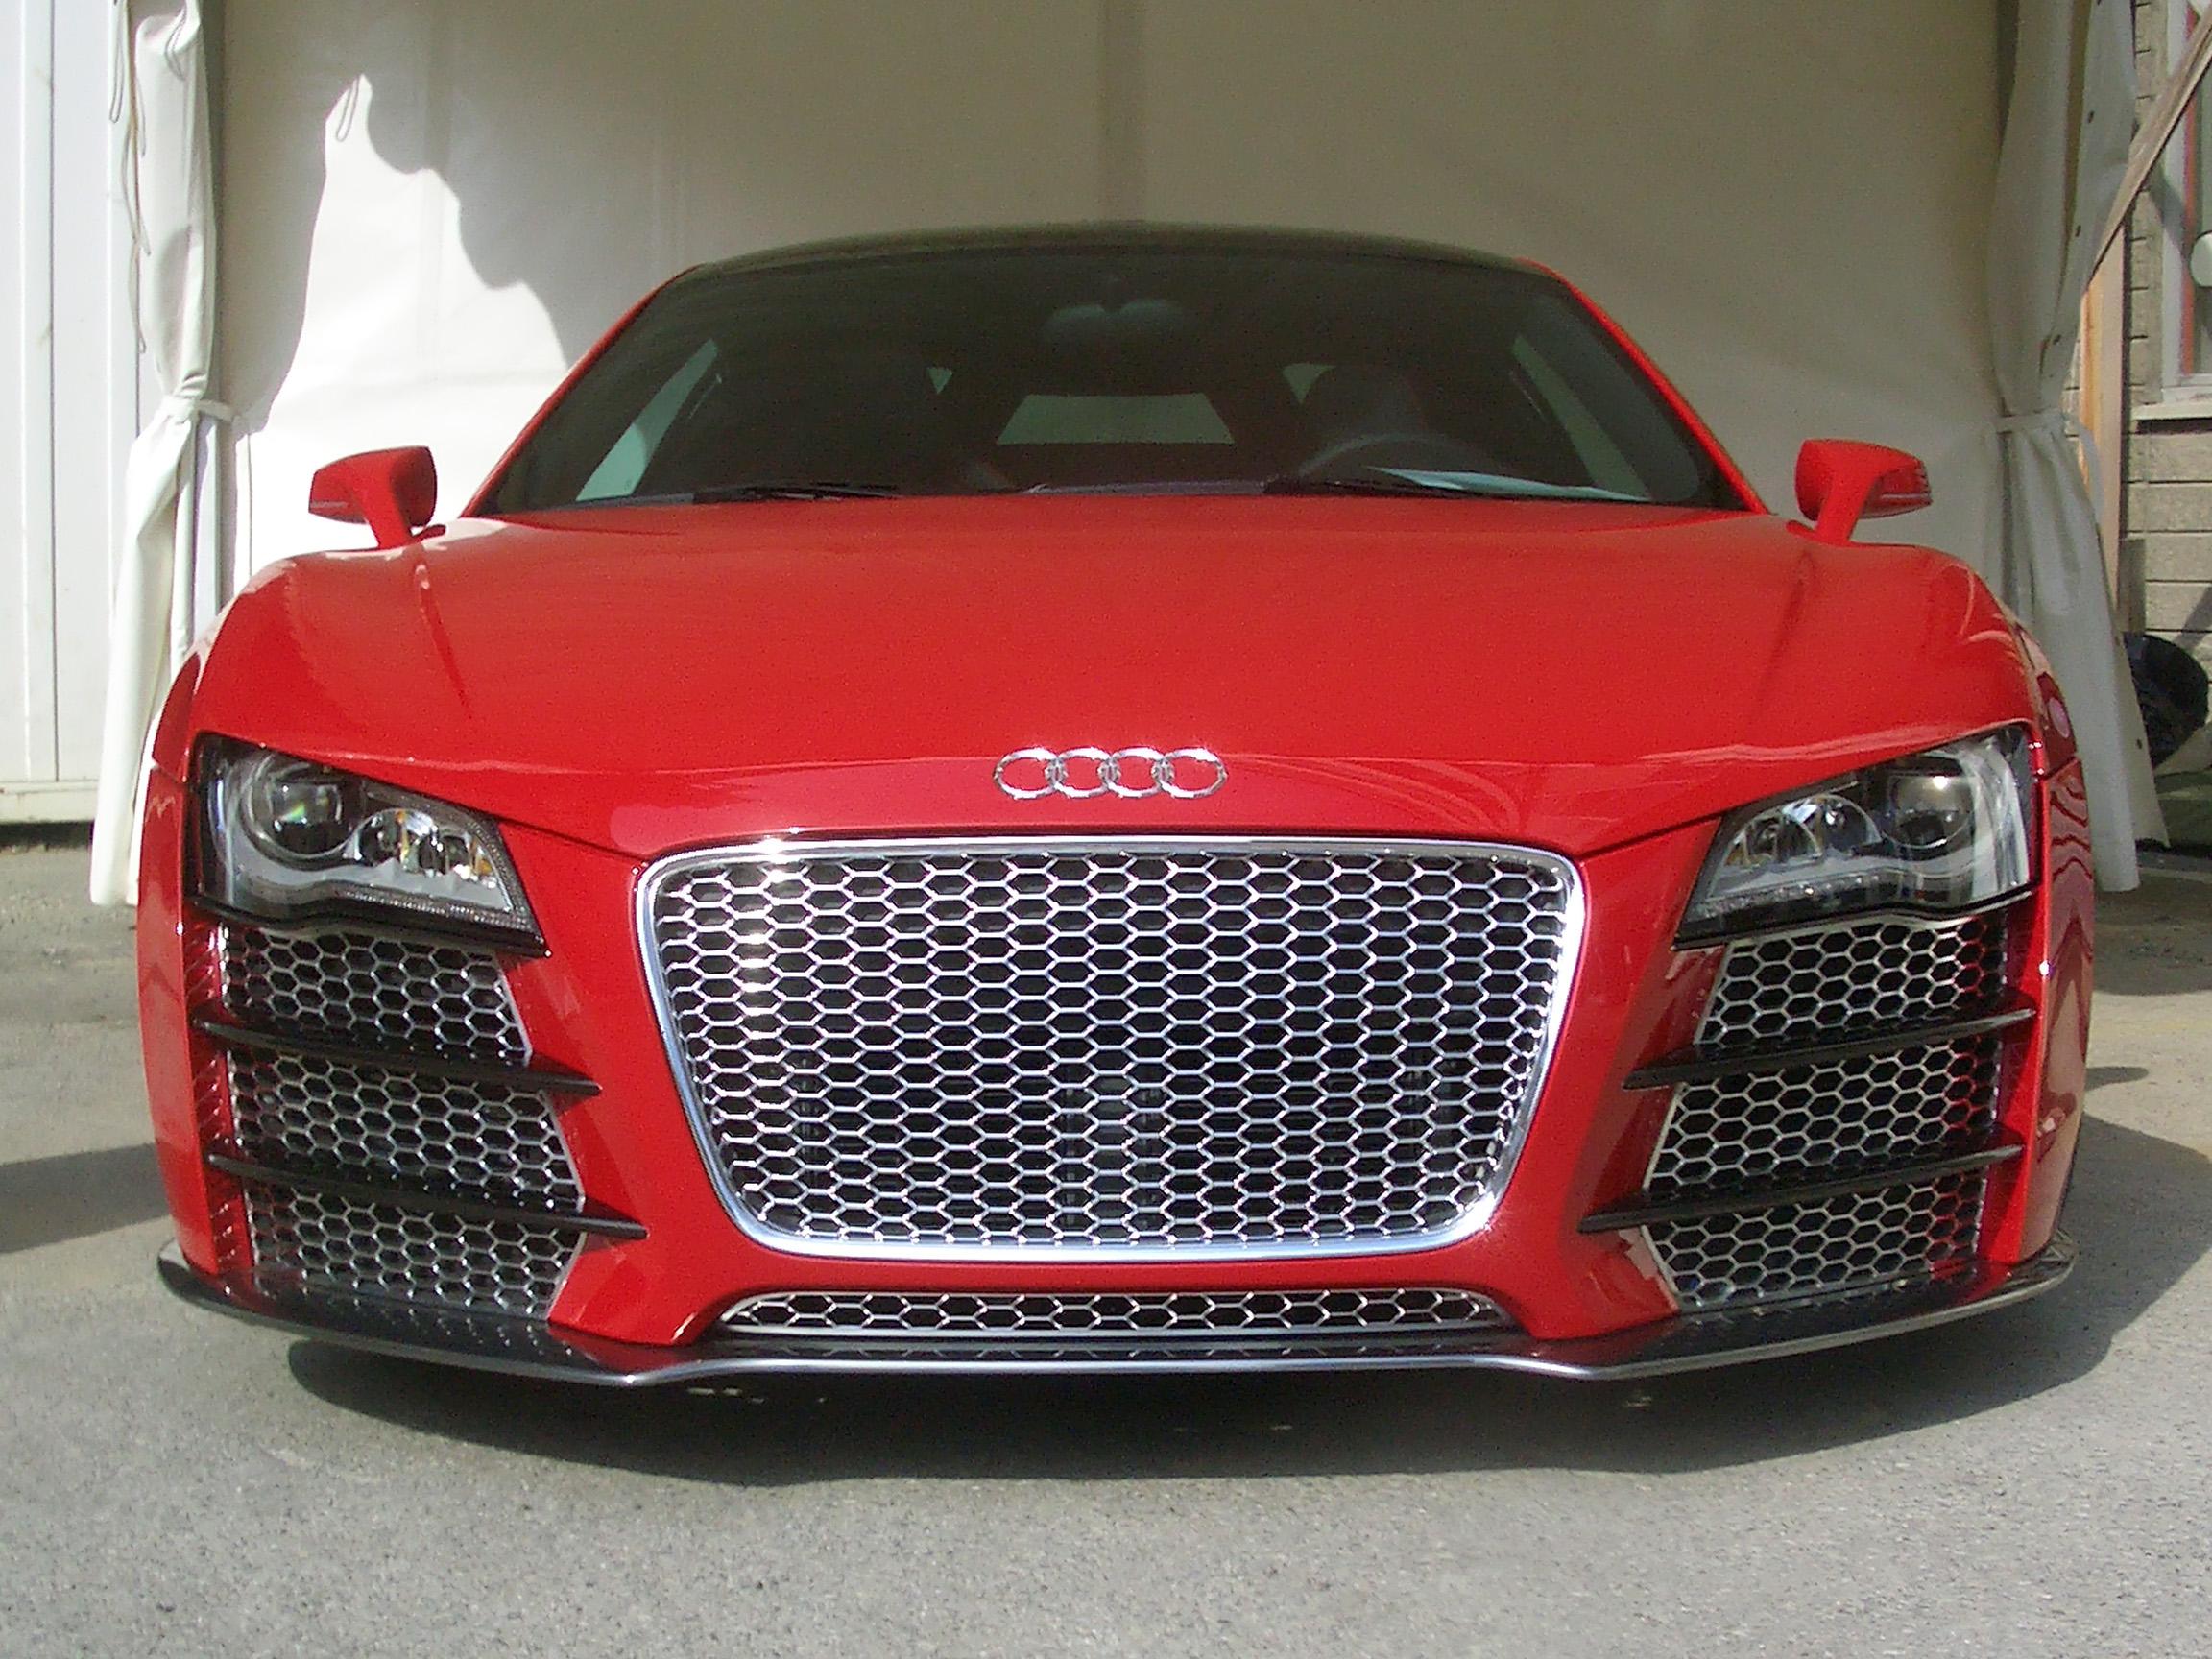 Kelebihan Kekurangan Audi V12 Top Model Tahun Ini